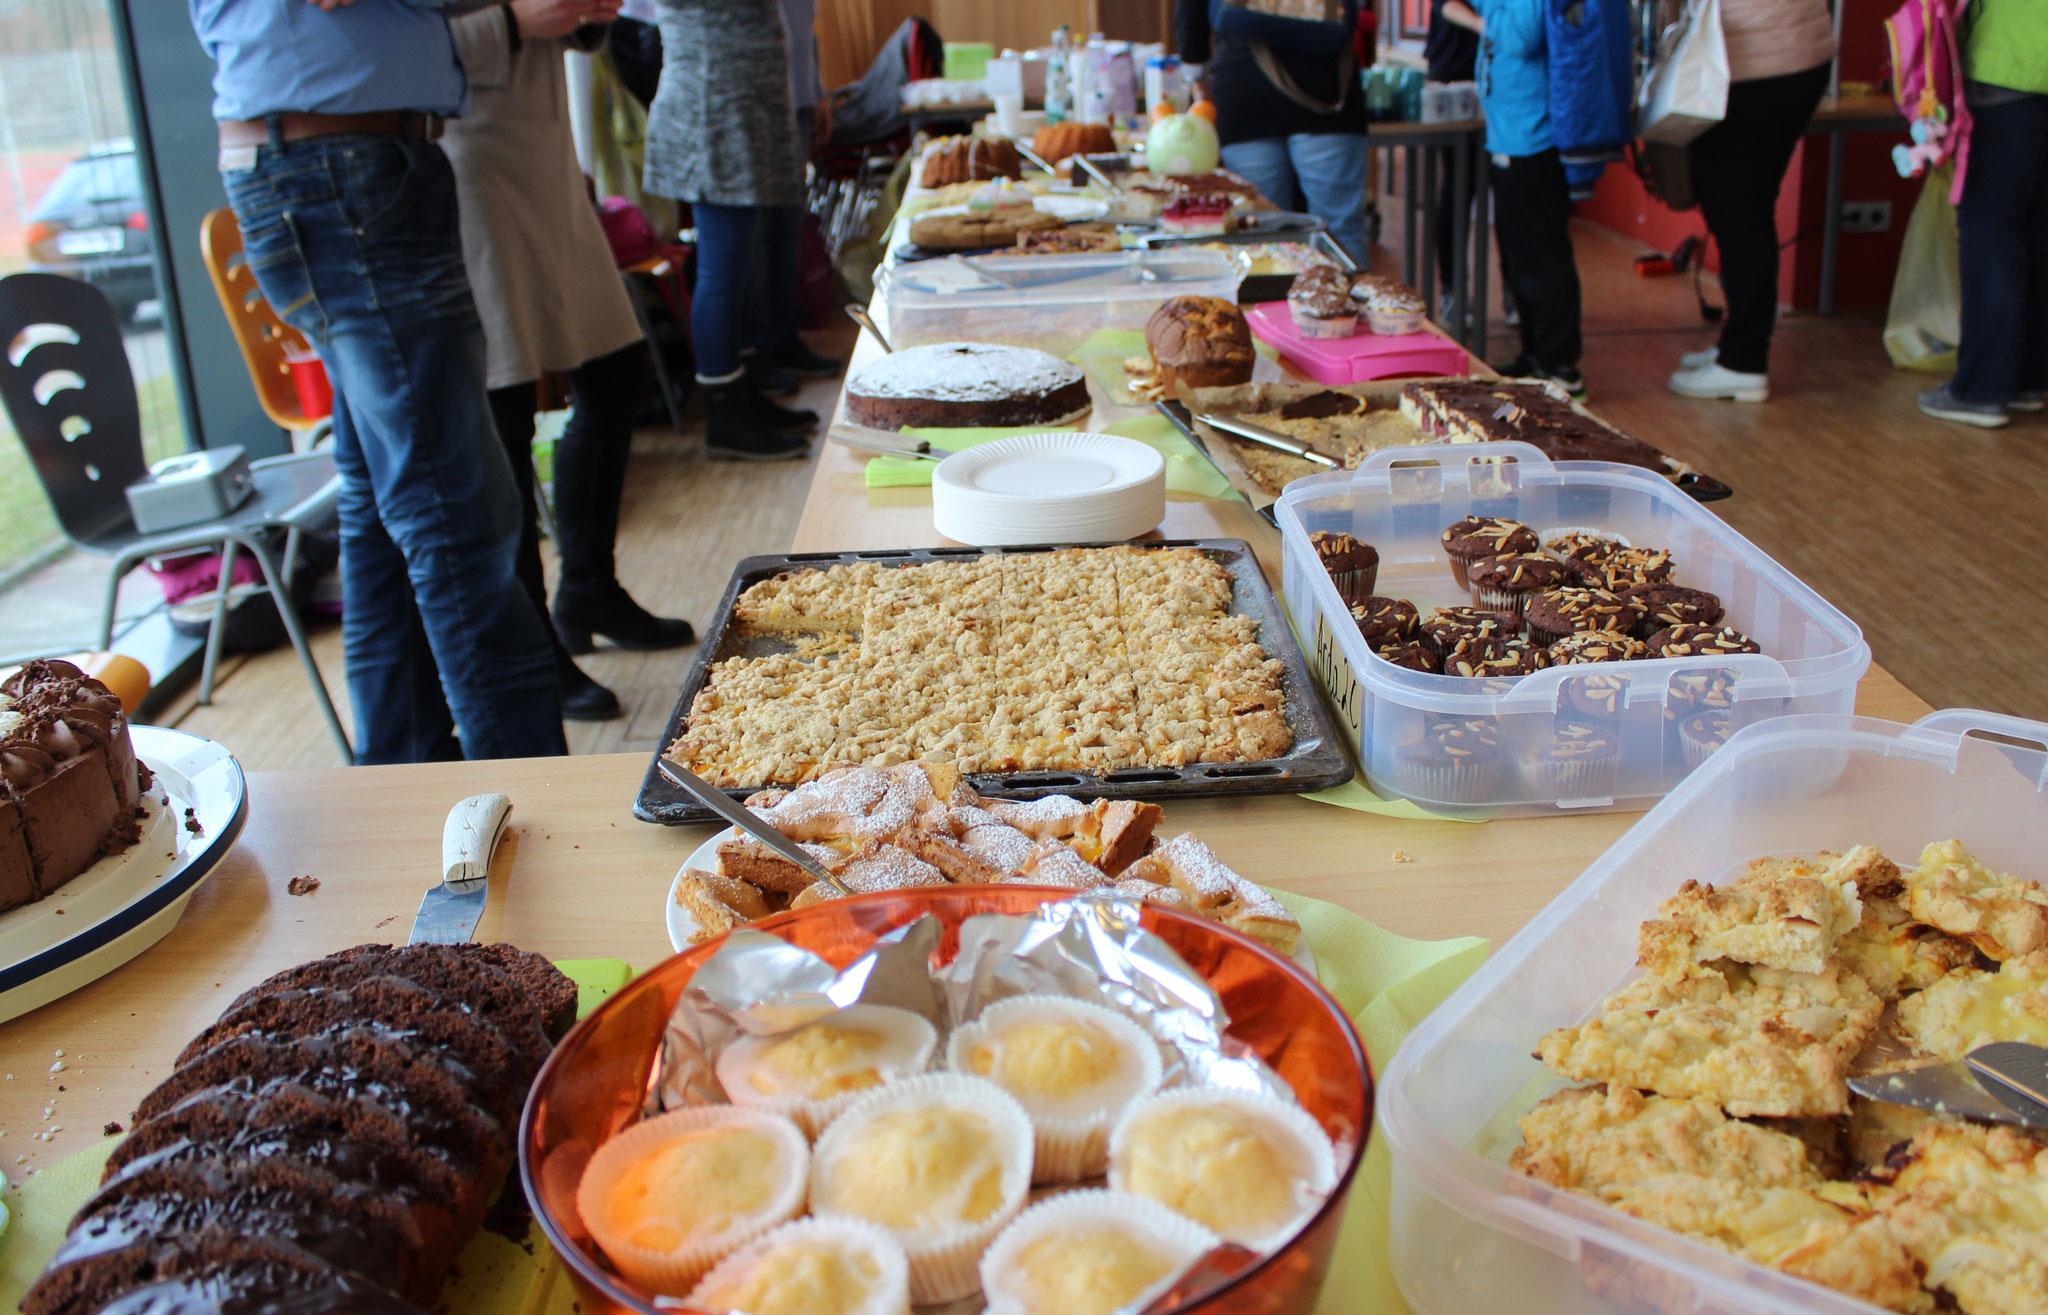 Das Büffet erweist sich dank zahlreicher Kuchenspenden als gut gefüllt